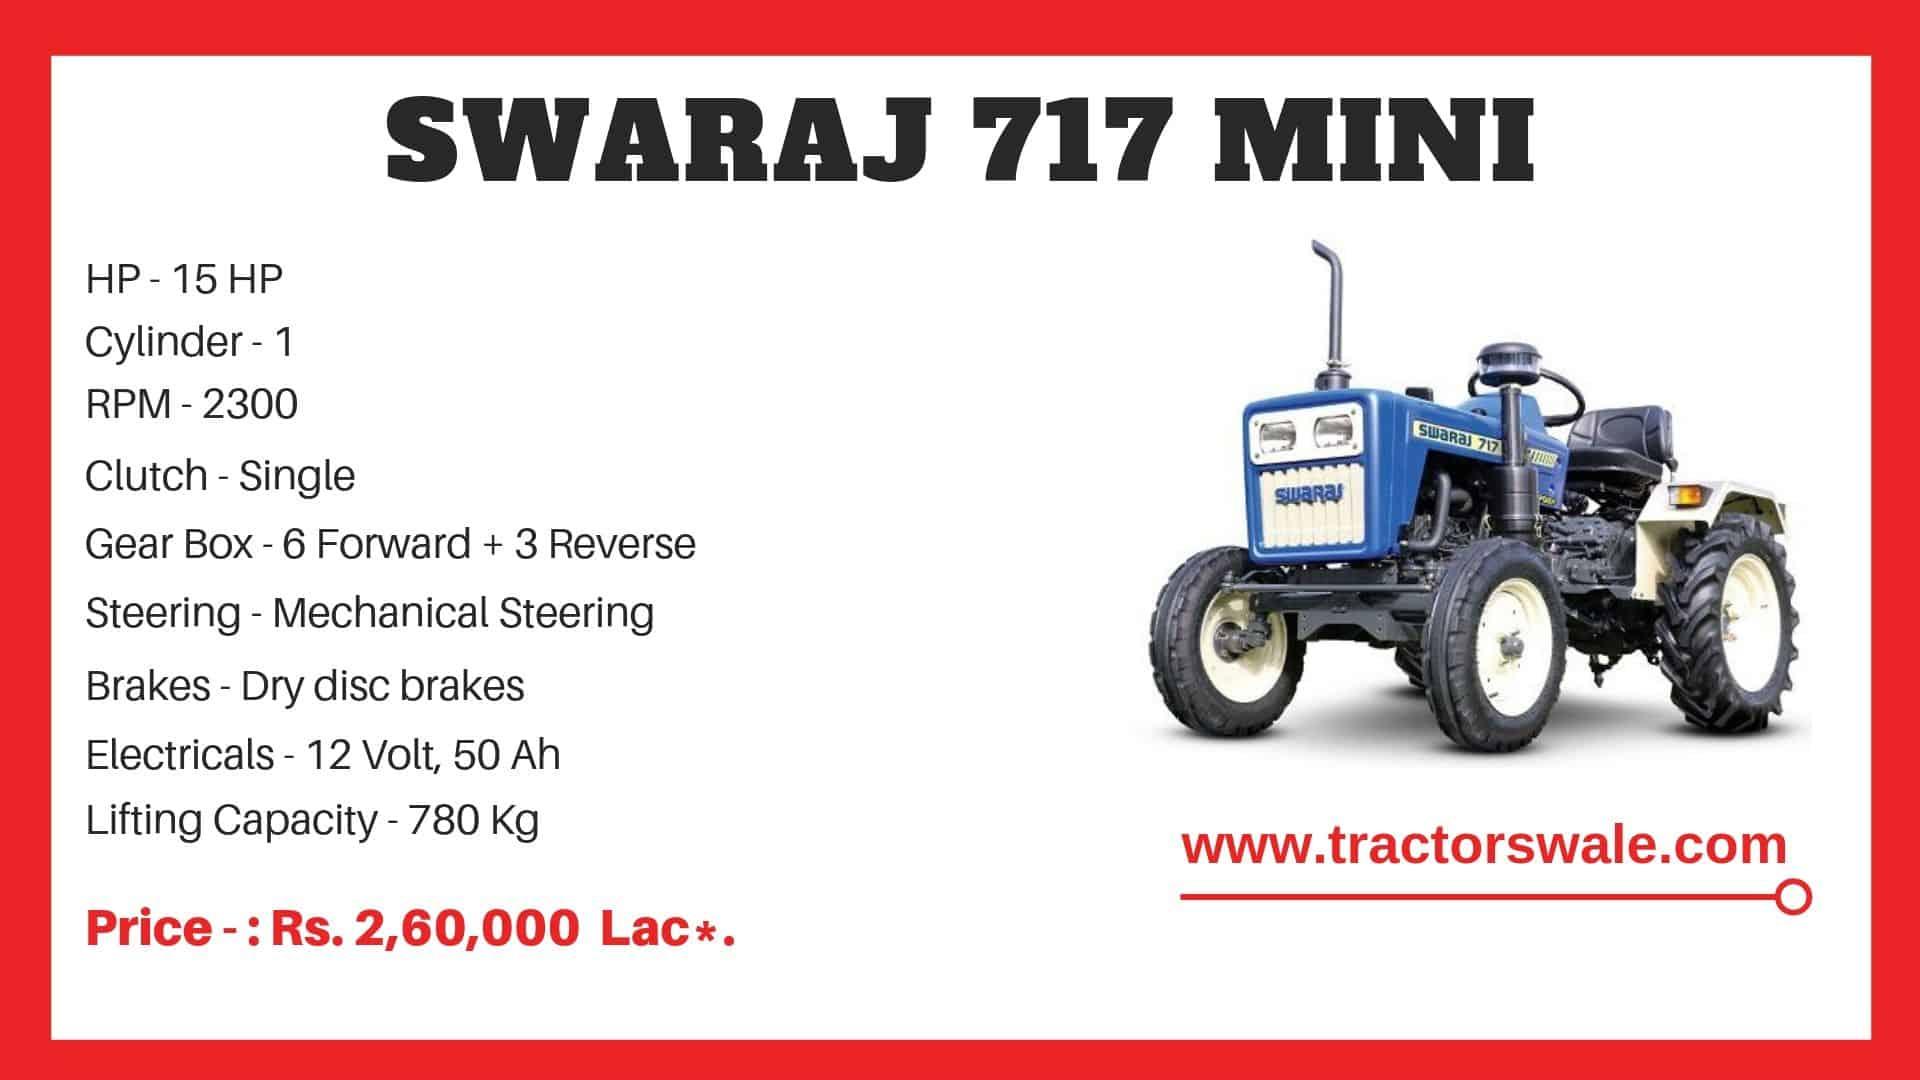 Specification of Swaraj 717 Tractor